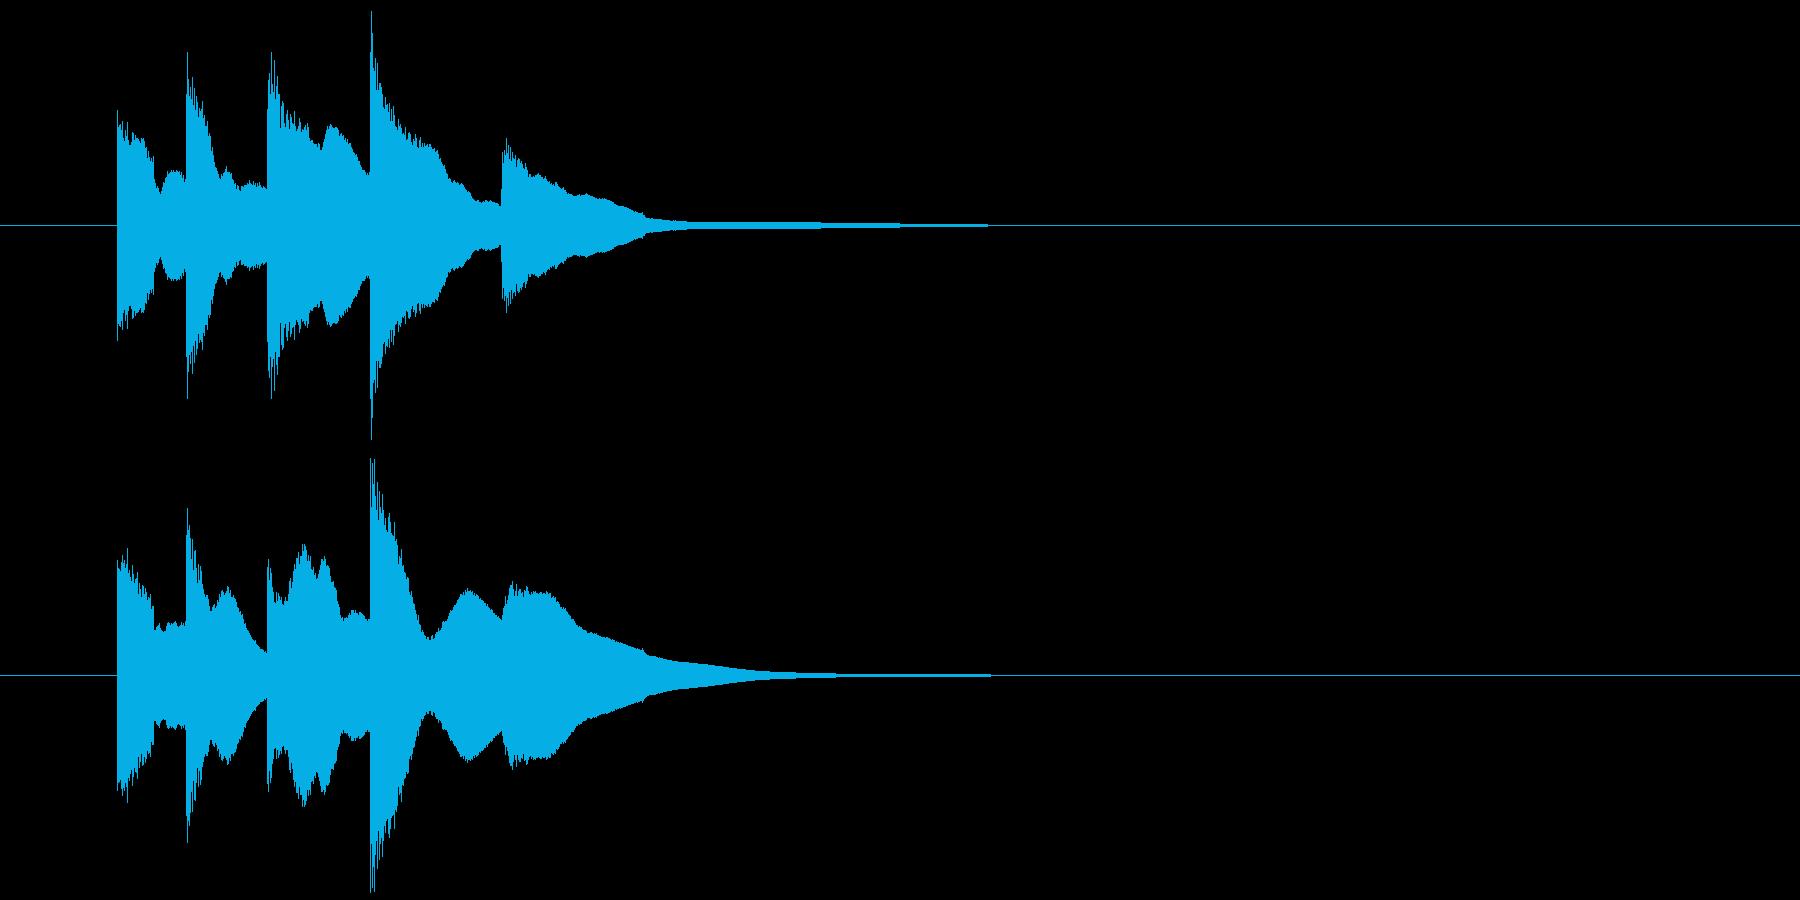 【生録音】チリリリリーンの再生済みの波形